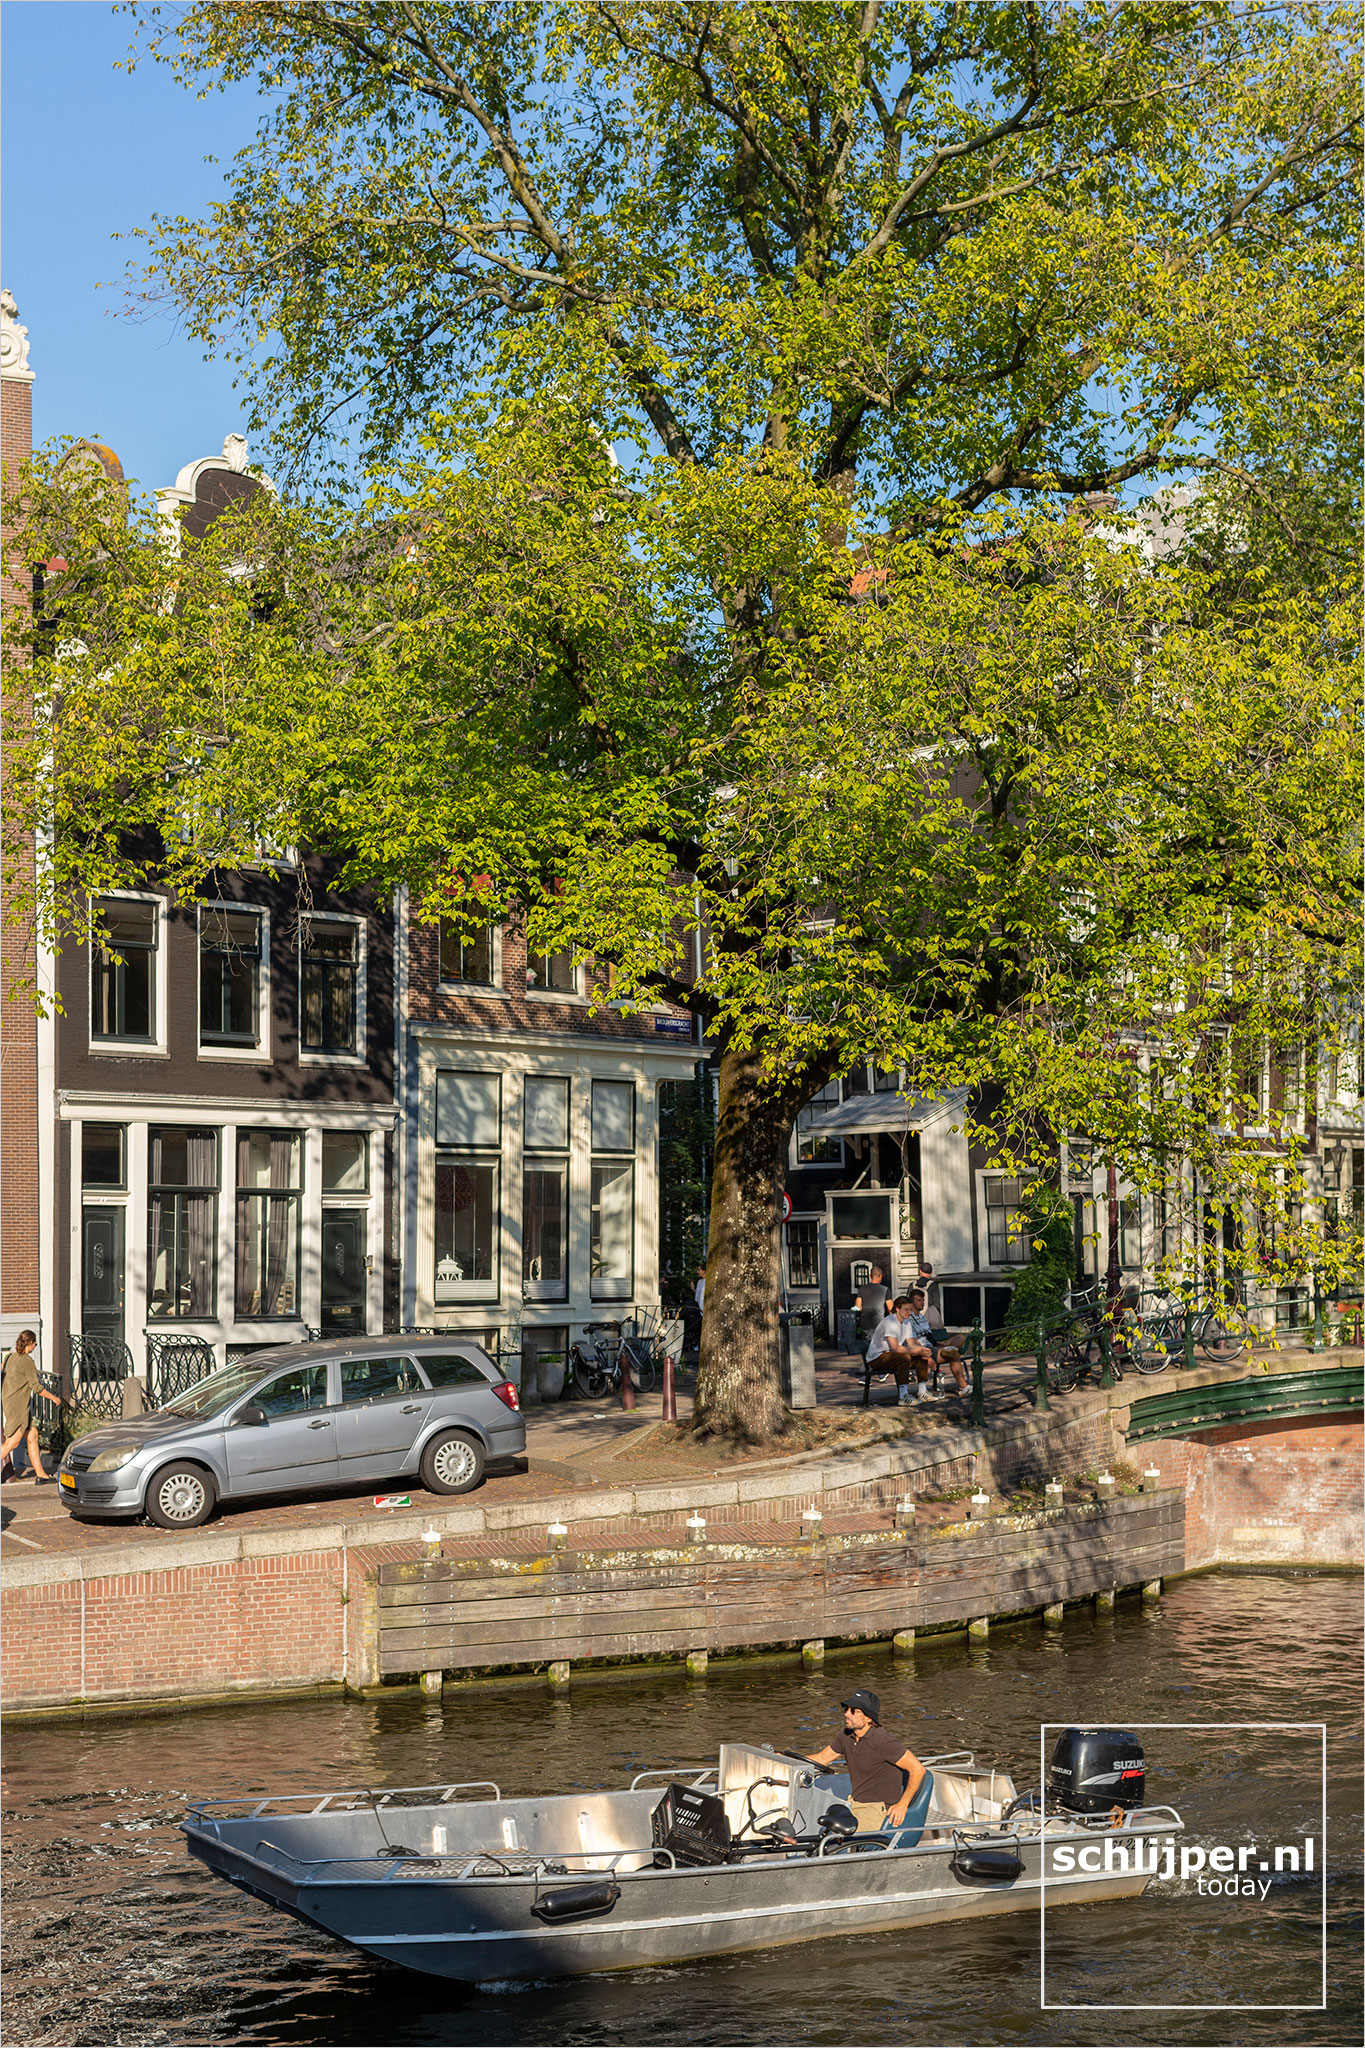 The Netherlands, Amsterdam, 8 september 2021